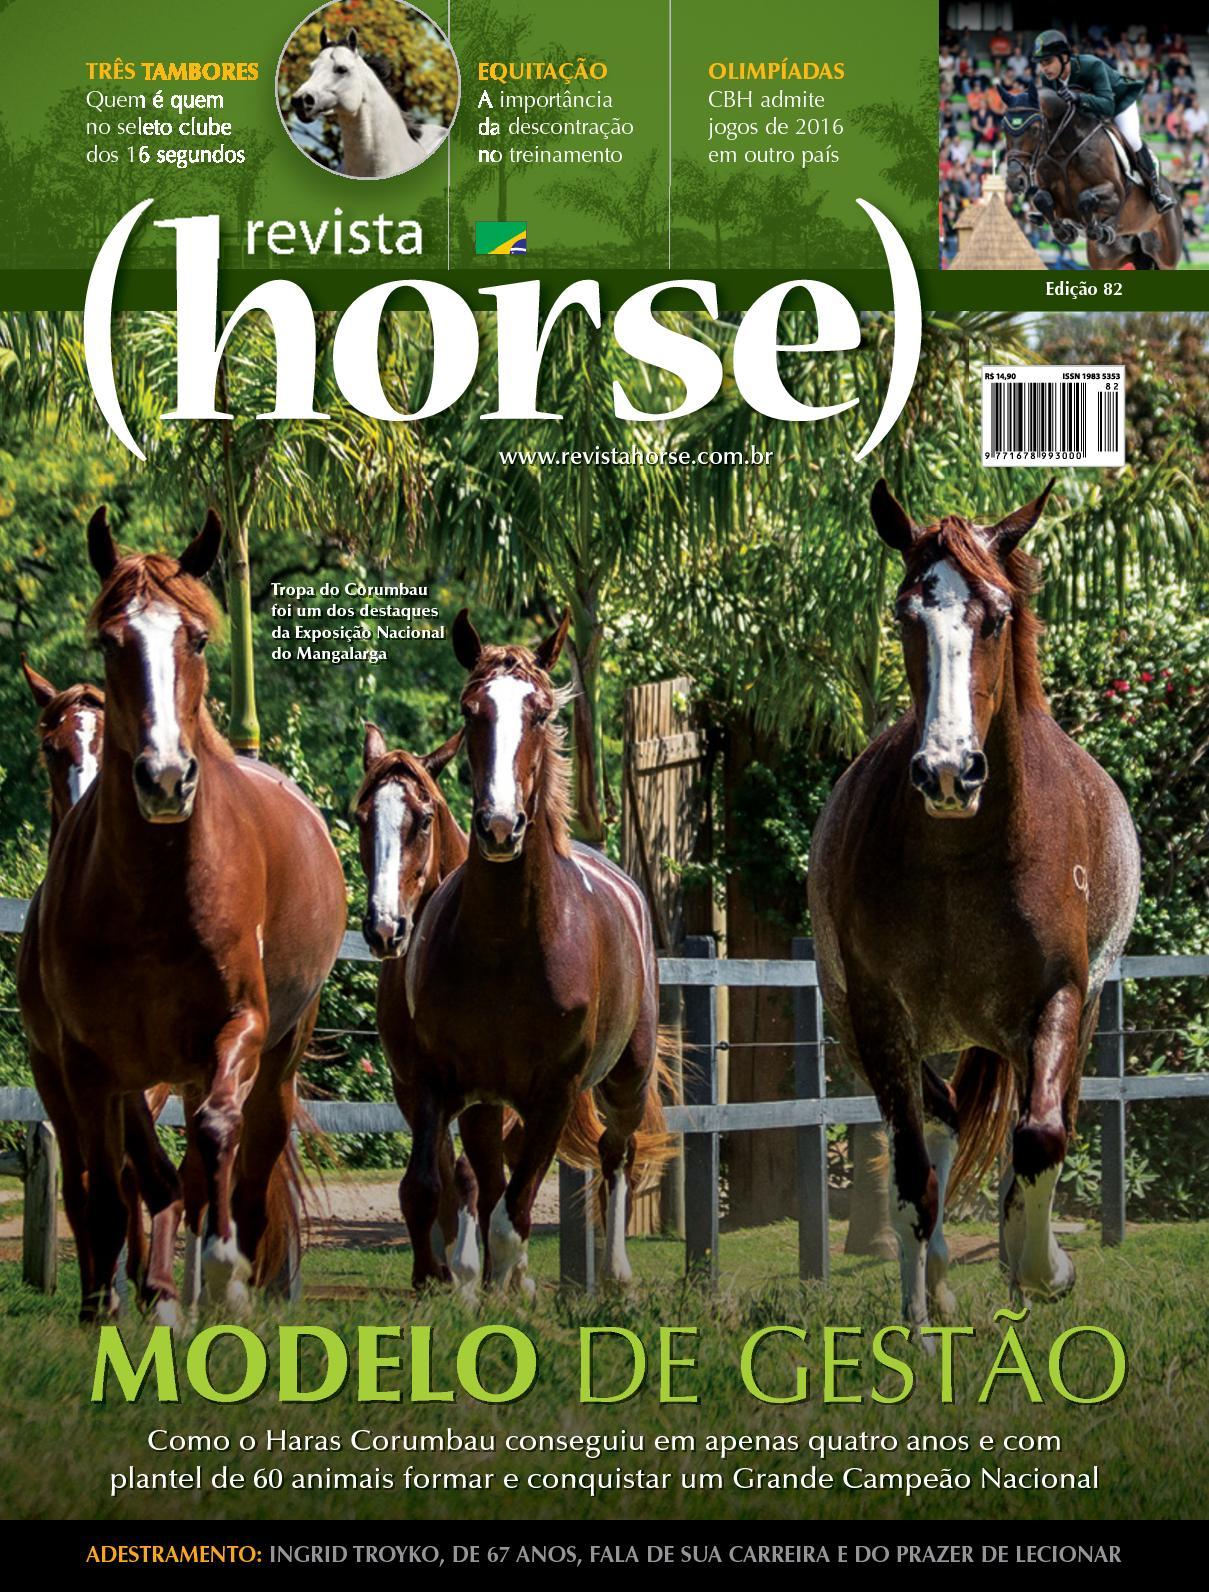 Calaméo - Revista Horse 82 8a07f89411b